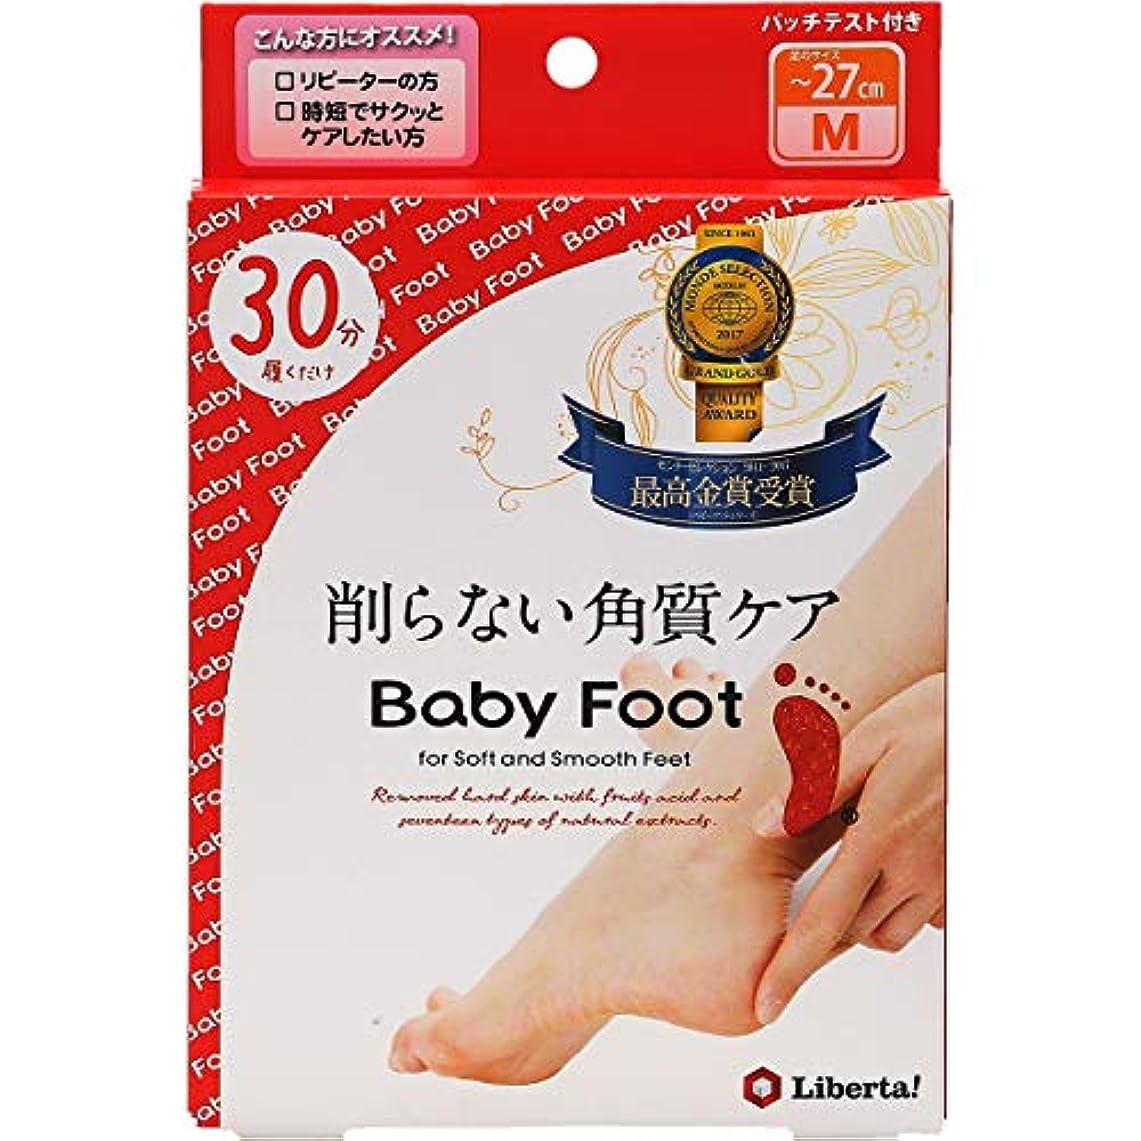 アヒル章好意的ベビーフット (Baby Foot) ベビーフット イージーパック30分タイプ Mサイズ 単品